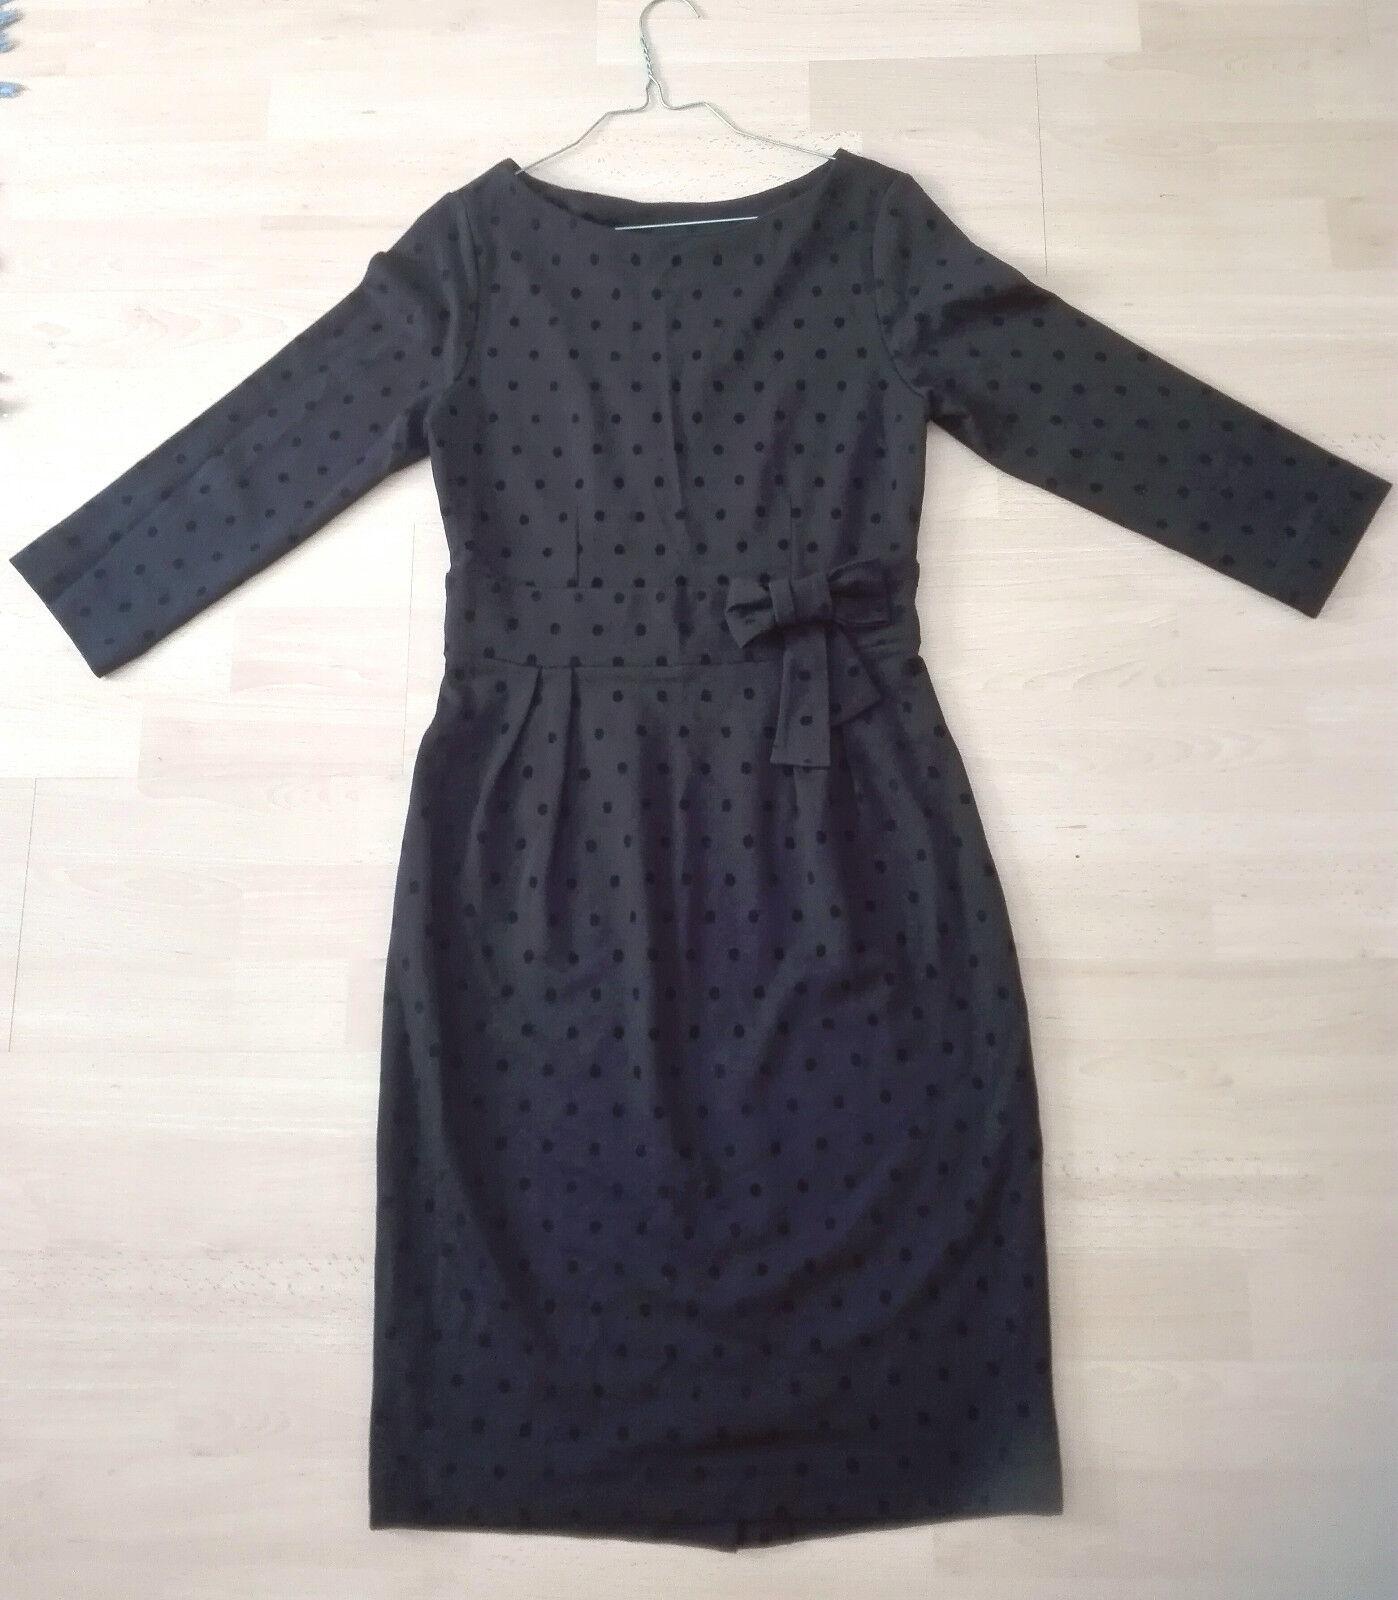 APART Kleid Jerseykleid SCHWARZ Bleistift rock gepunktet polka dots Gr. 36 S neu